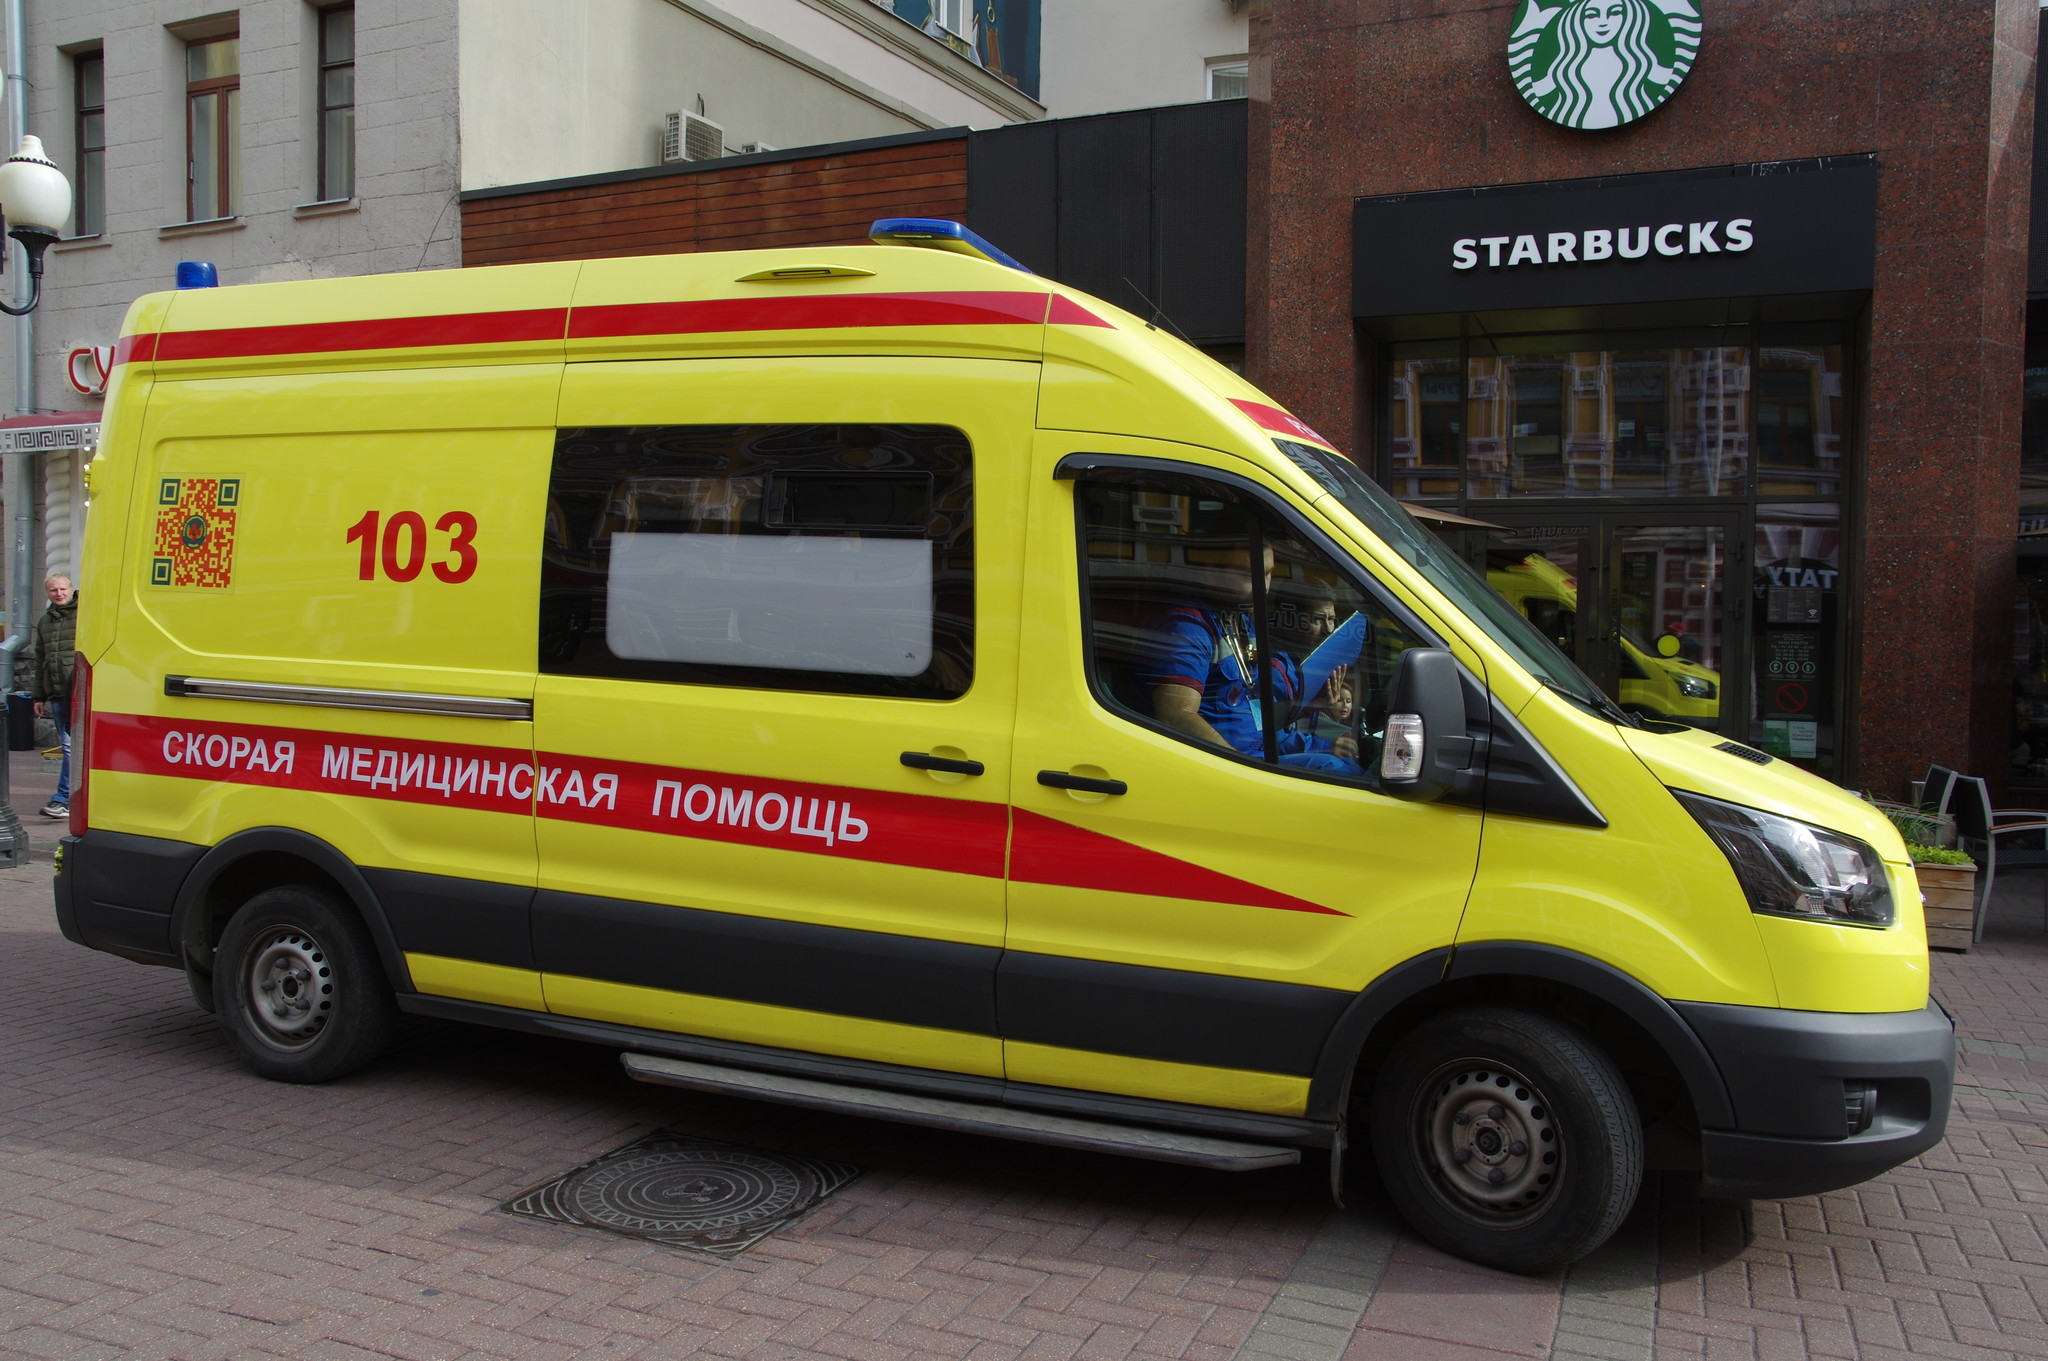 Автомобиль скорой медицинской помощи на Арбате